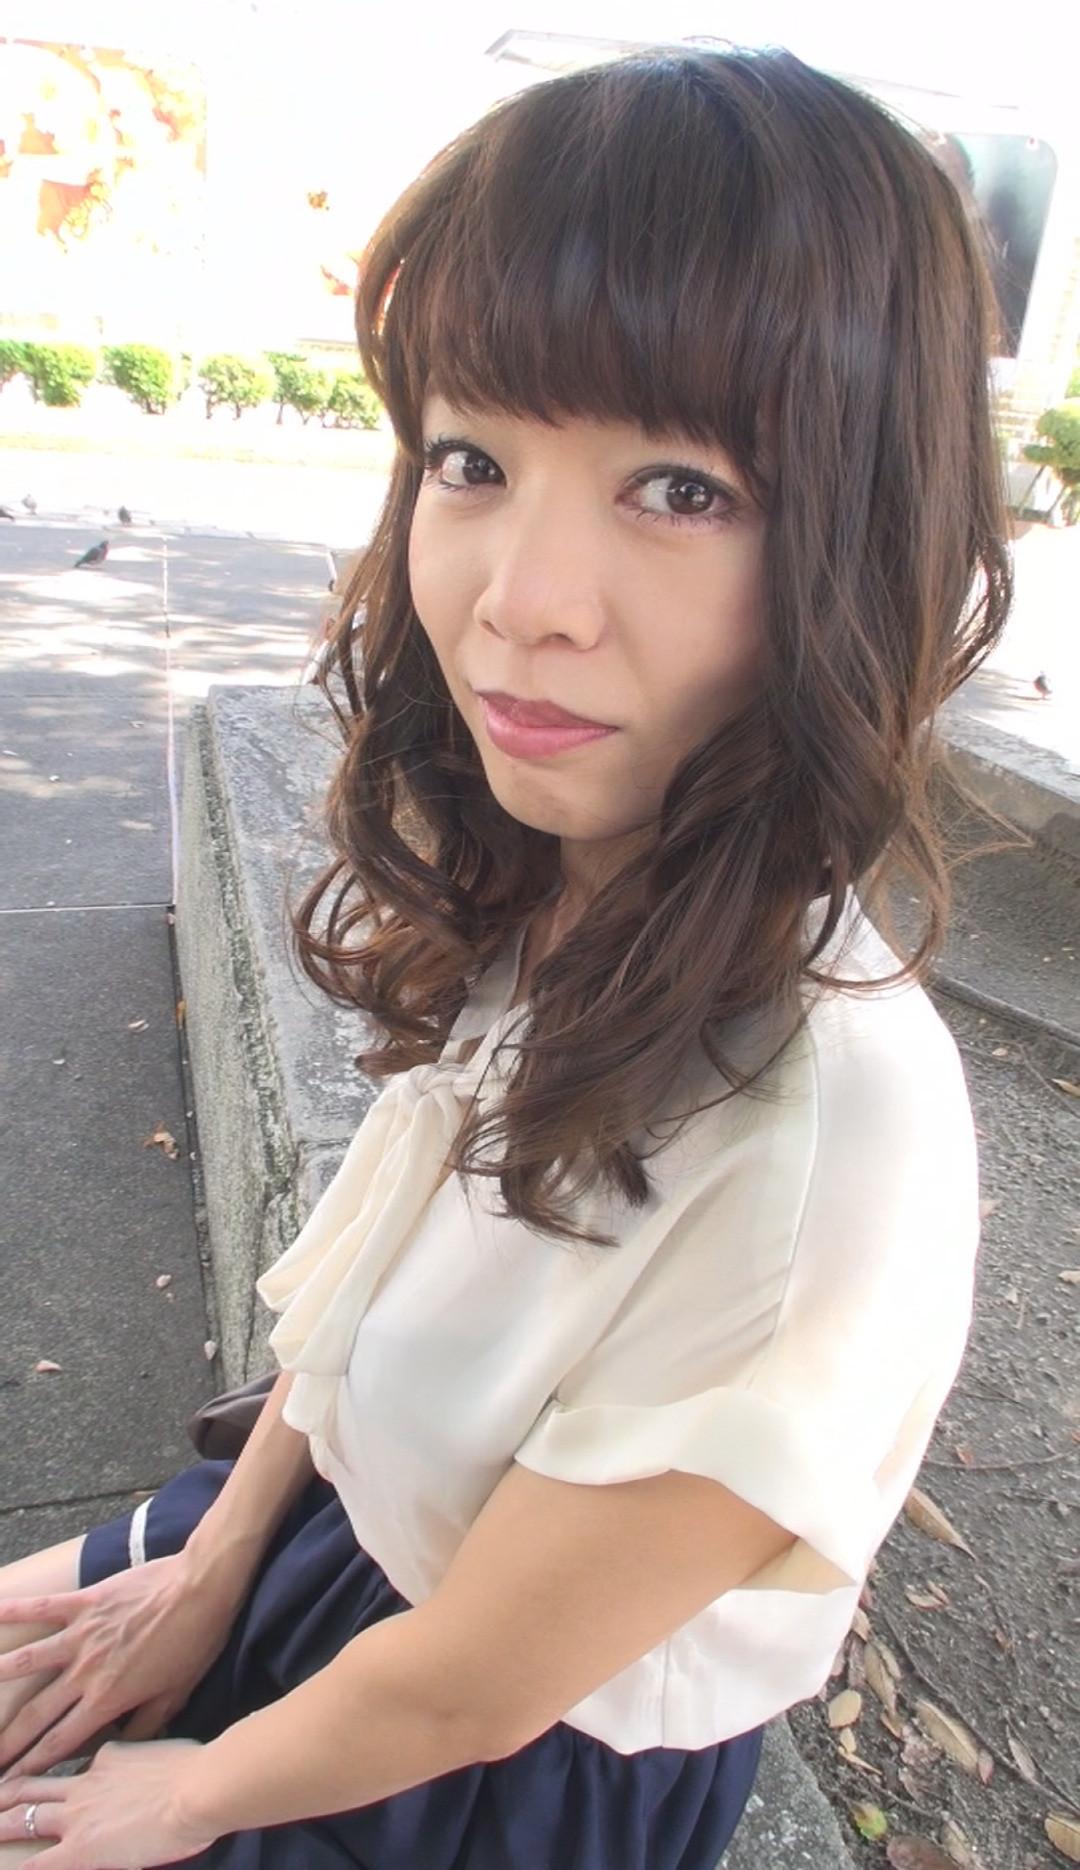 【Newチャレンジ企画第13弾!!】素人奥さんナンパ~難関人妻ナンパで何人ゲット出来るのか?!~